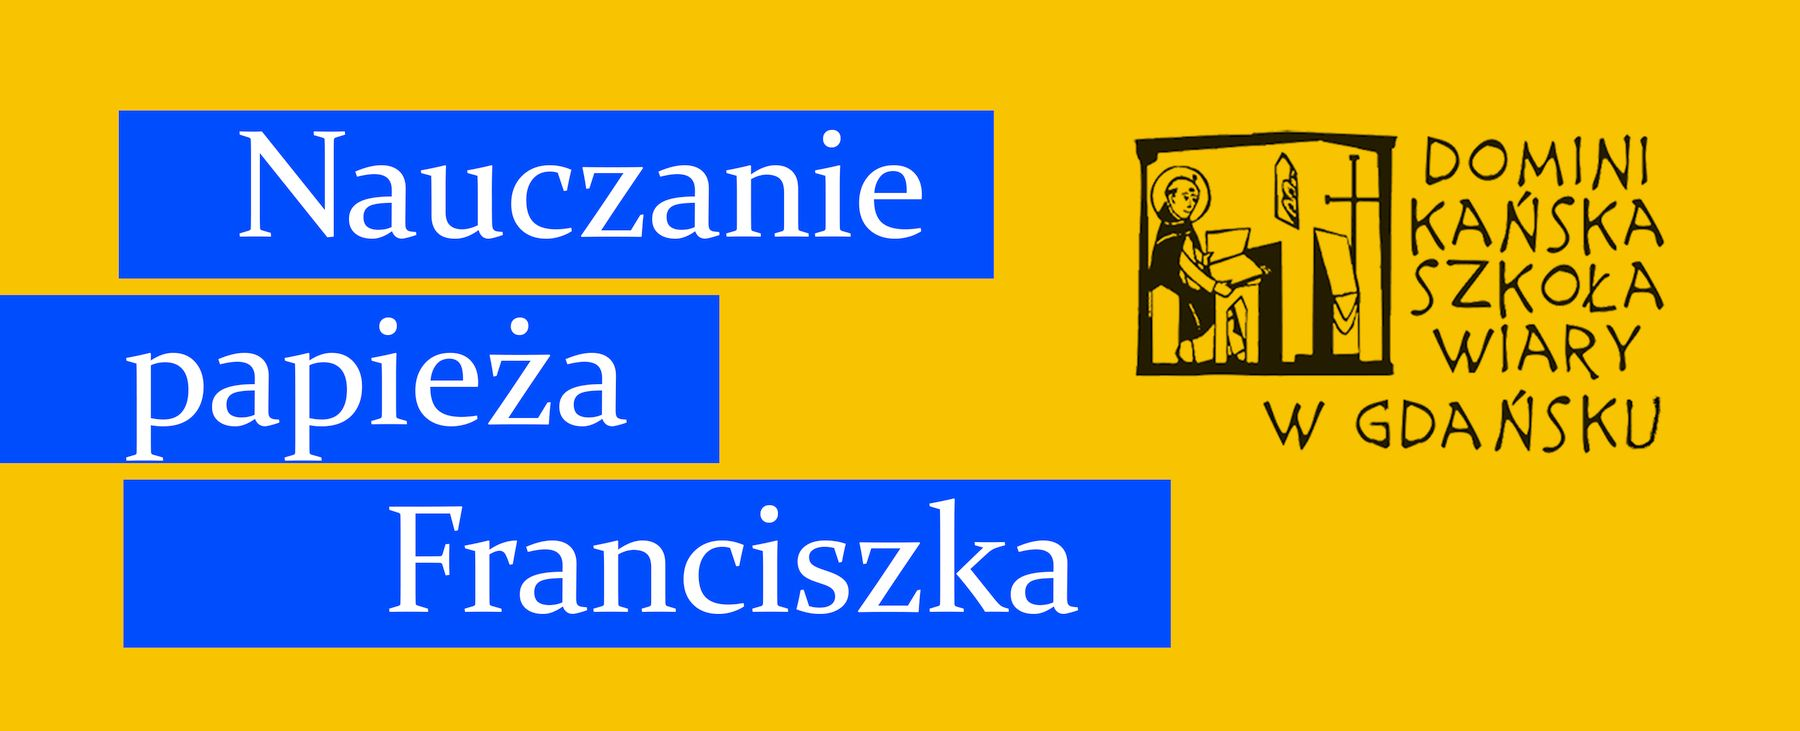 Dominikańska Szkoła Wiary, Gdańsk